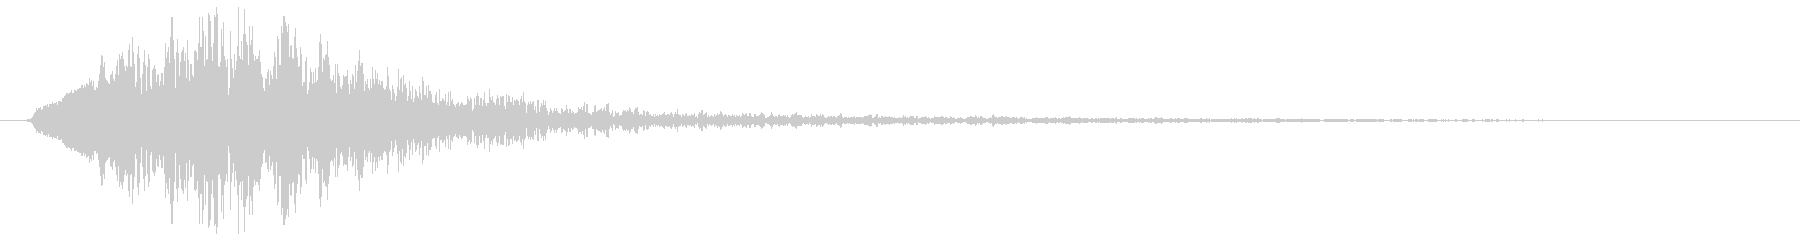 ピロン(クリック音)キランの未再生の波形